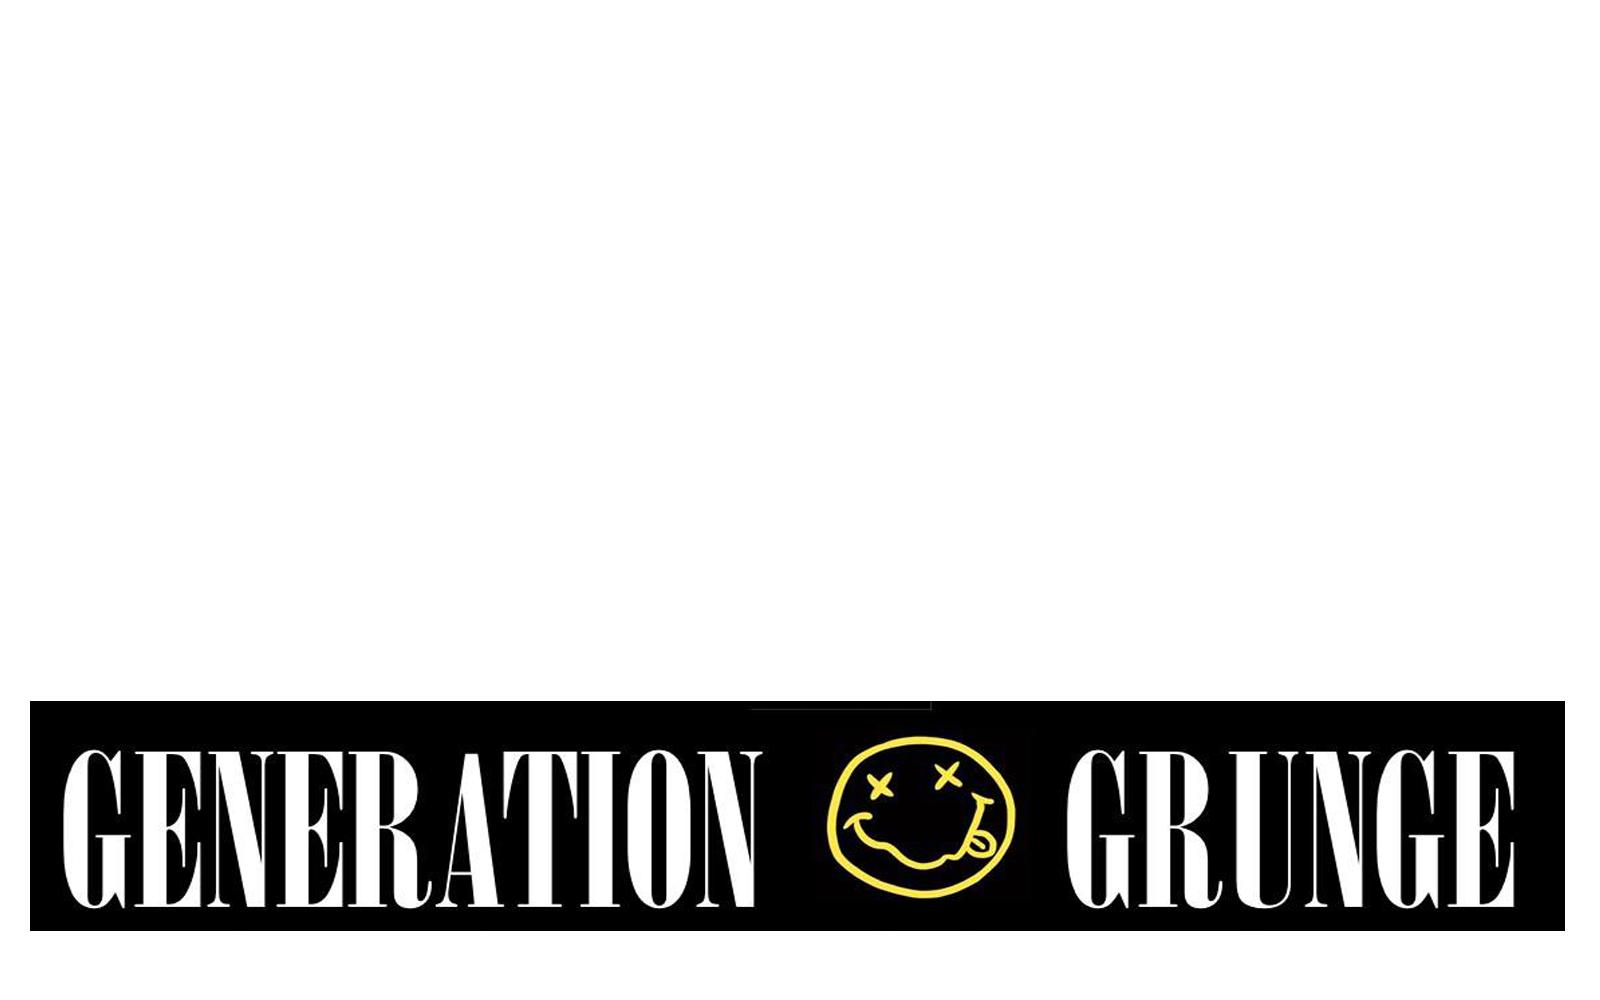 Generation Grunge